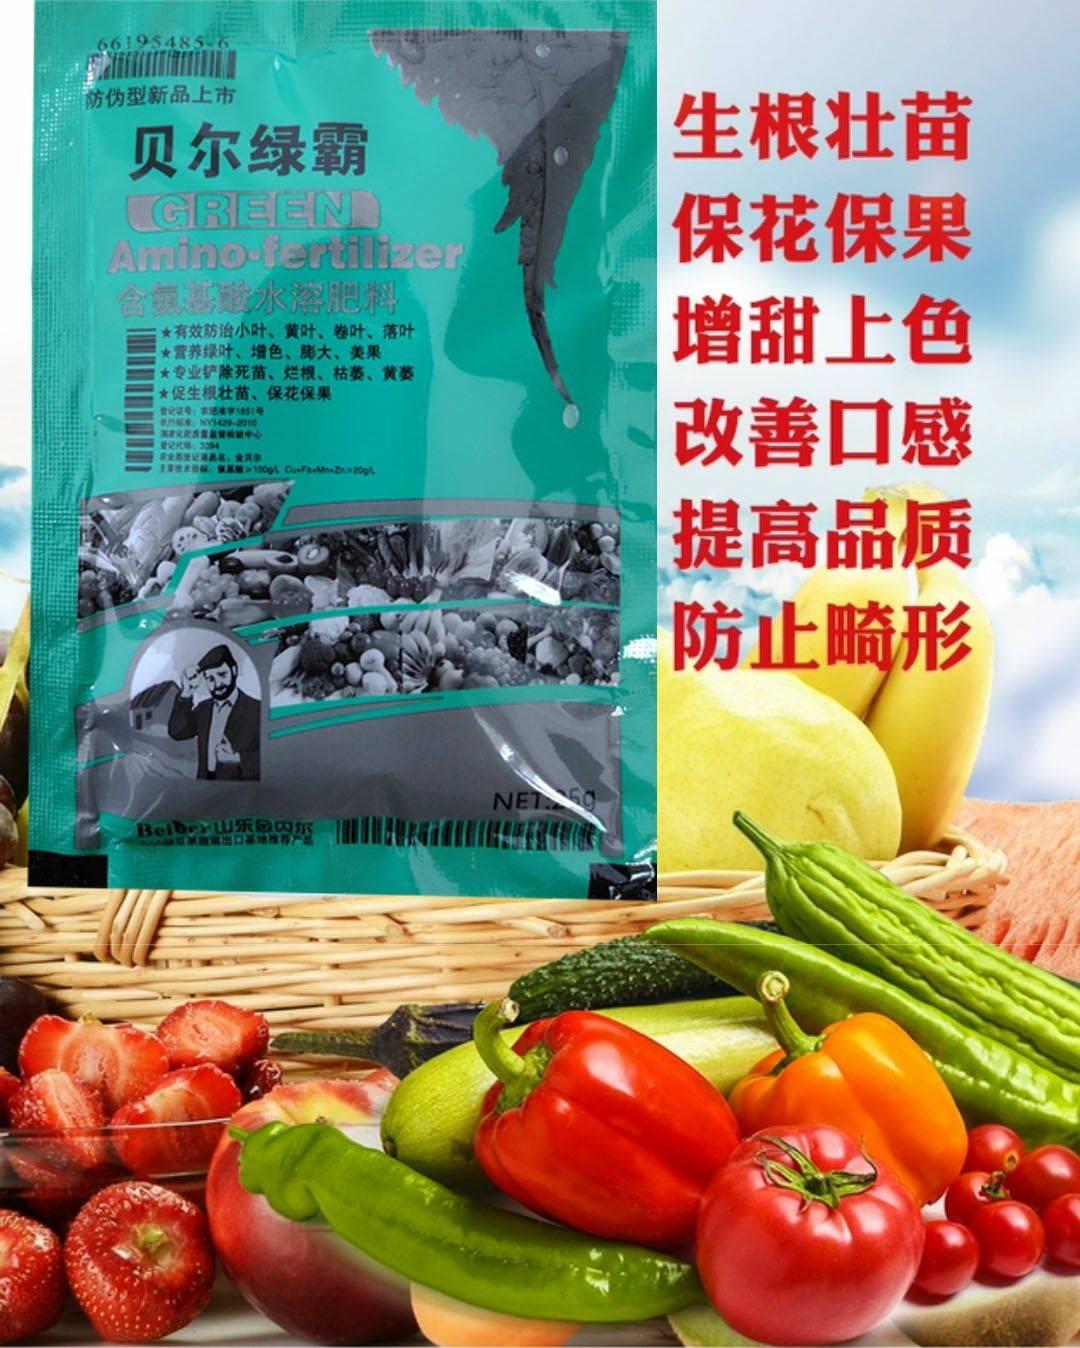 叶面肥料 进口原料!促进生长,提高产量,保花保果,膨大果实